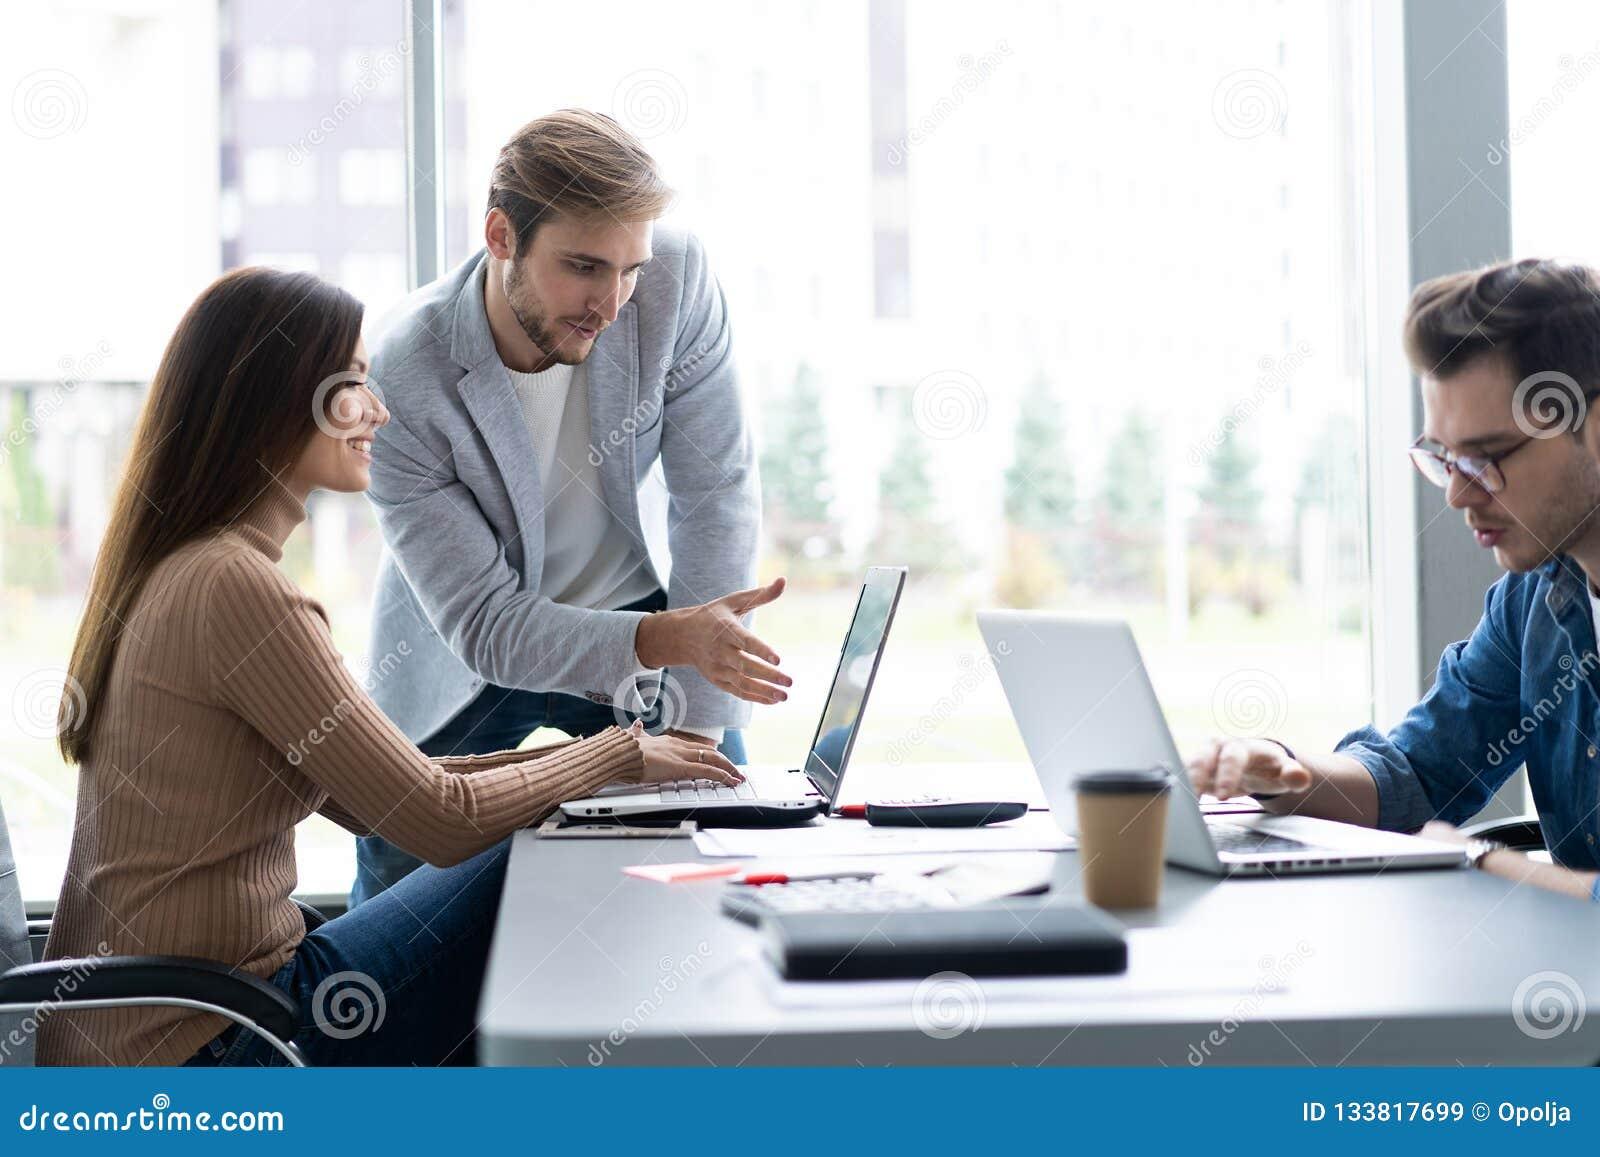 Het delen van adviezen Groep jonge moderne mensen die in slimme vrijetijdskleding zaken bespreken terwijl het werken in creatief